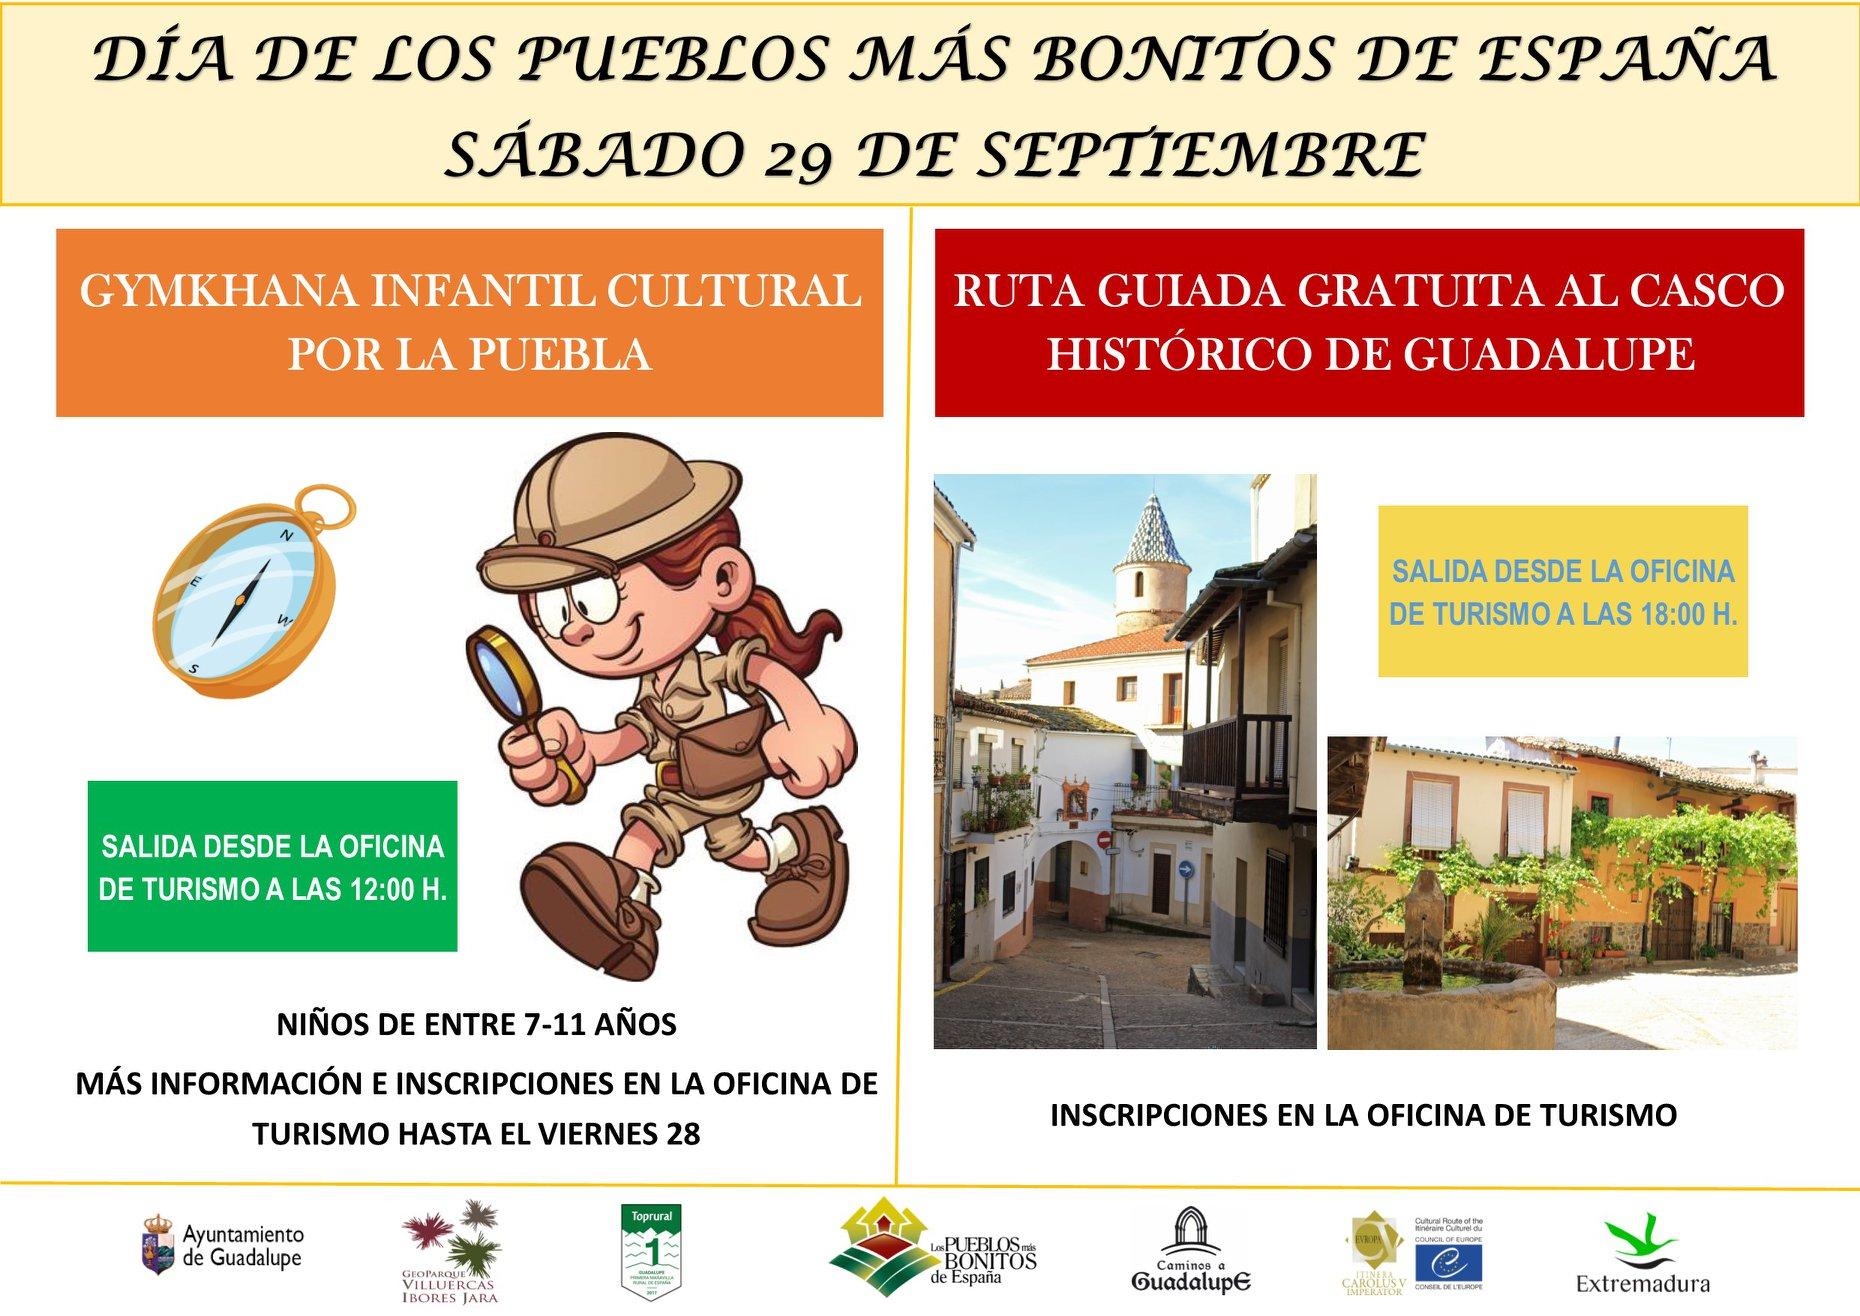 Día de los pueblos más bonitos de España 2018 - Guadalupe (Cáceres)